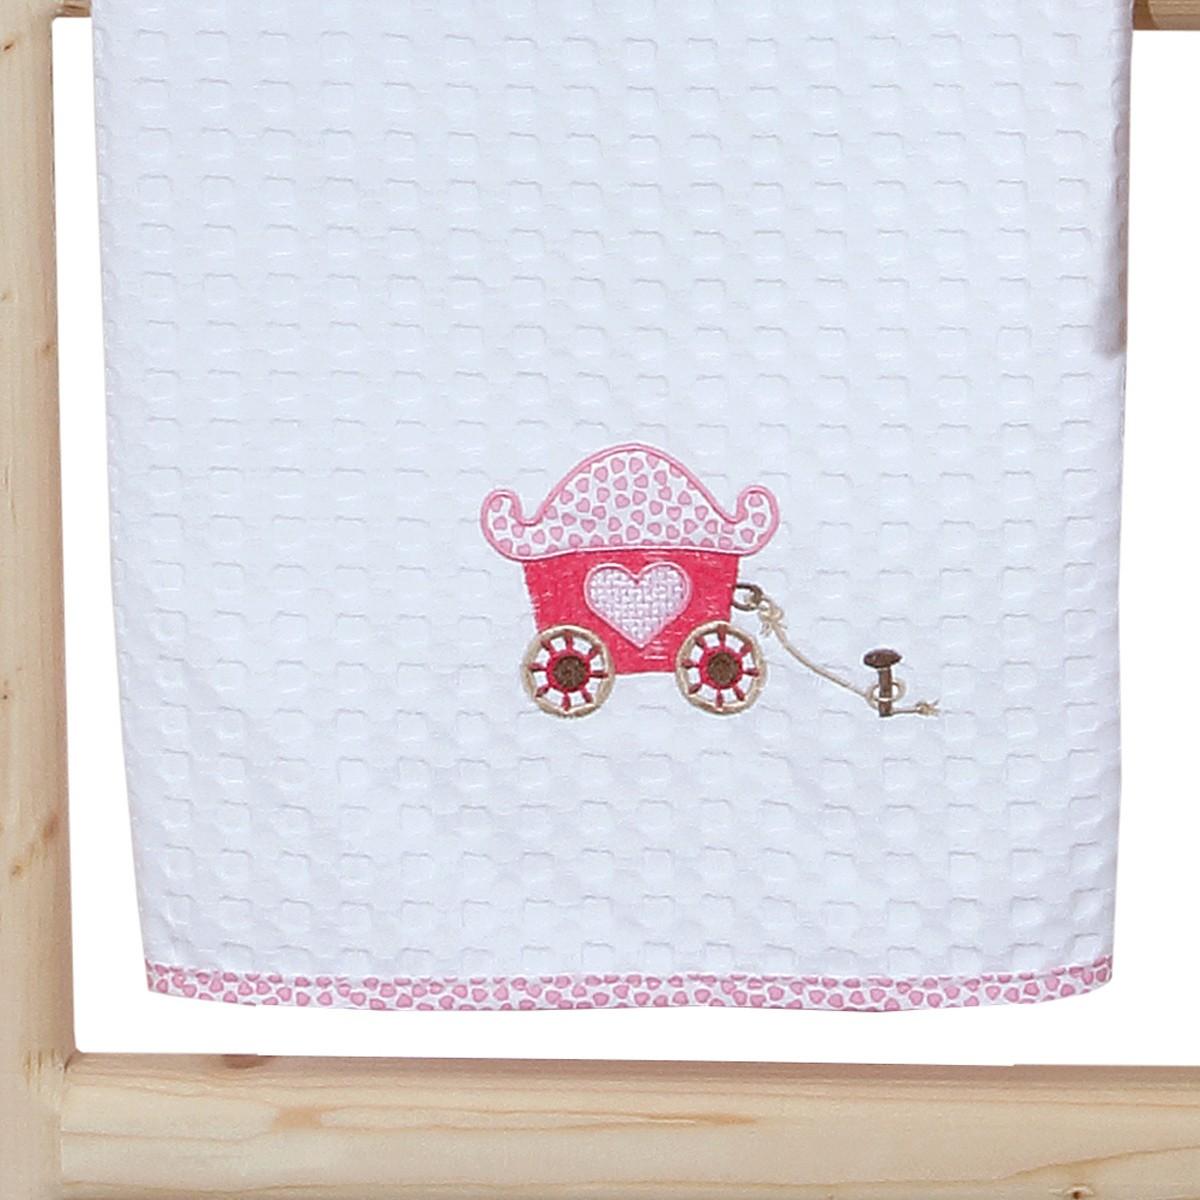 Κουβέρτα Πικέ Κούνιας Anna Riska Celine home   βρεφικά   κουβέρτες βρεφικές   κουβέρτες καλοκαιρινές